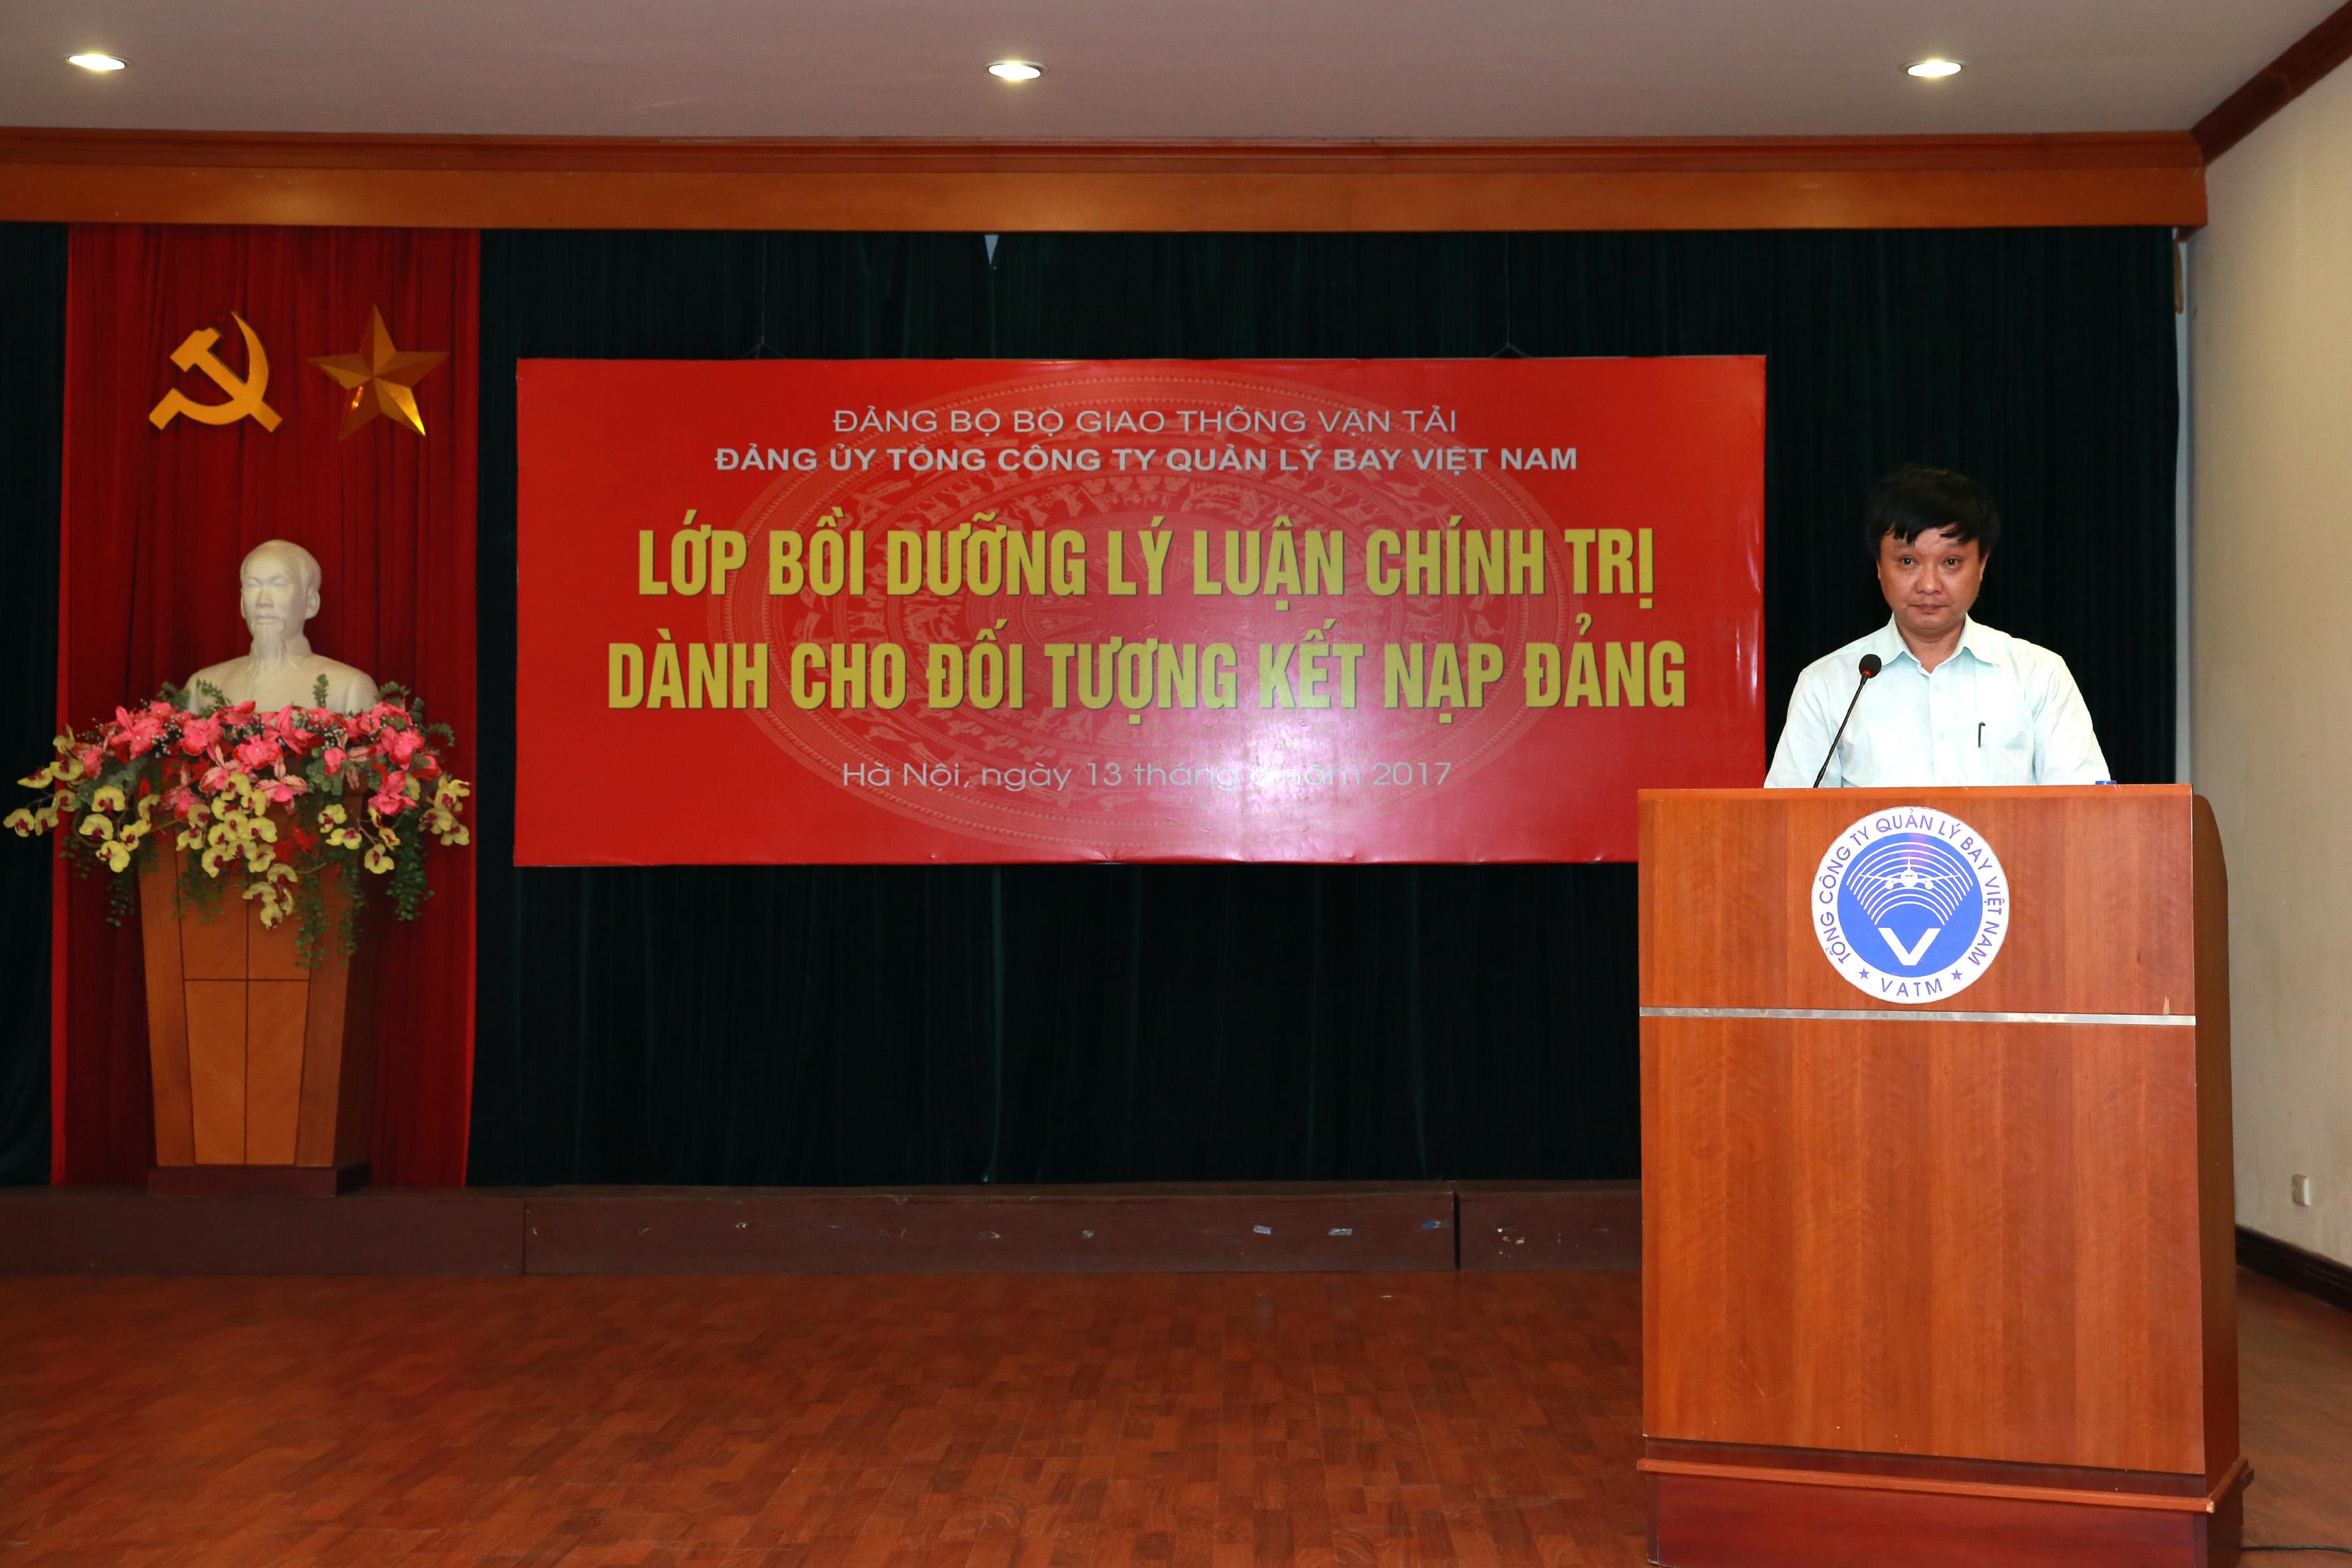 Đảng bộ VATM khai giảng lớp bồi dưỡng lý luận chính trị dành cho đối tượng kết nạp đảng năm 2017 khu vực phía Bắc